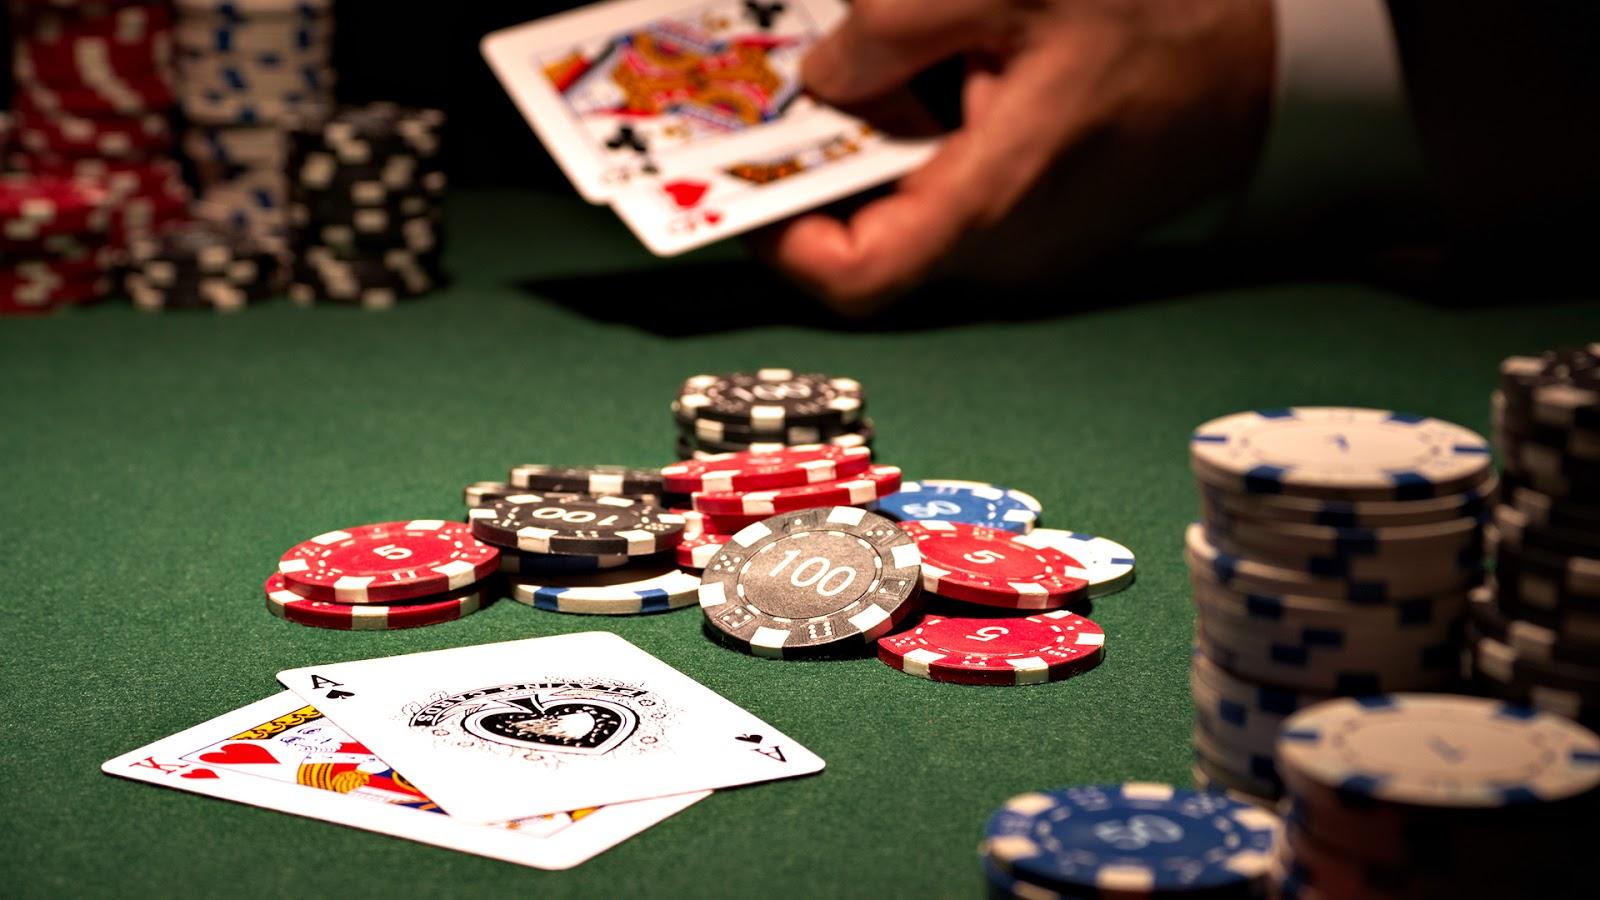 poker HD Wallpapers July 2016 part #2